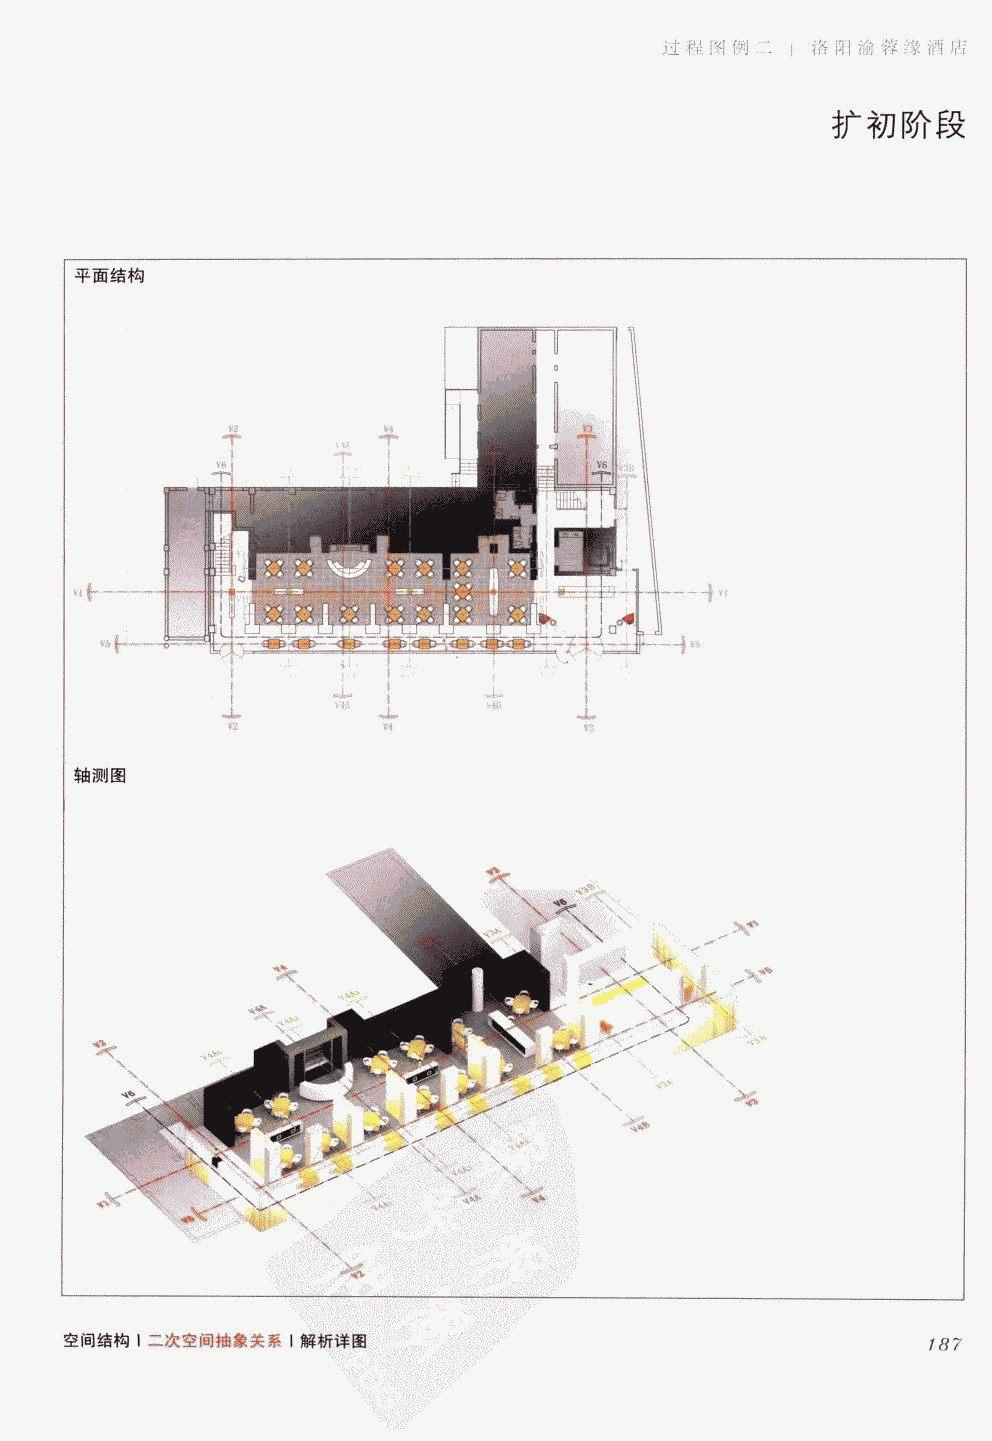 室内设计纲要++概念思考与过程表达_室内设计纲要  概念思考与过程表达_1297982..._页面_195.jpg